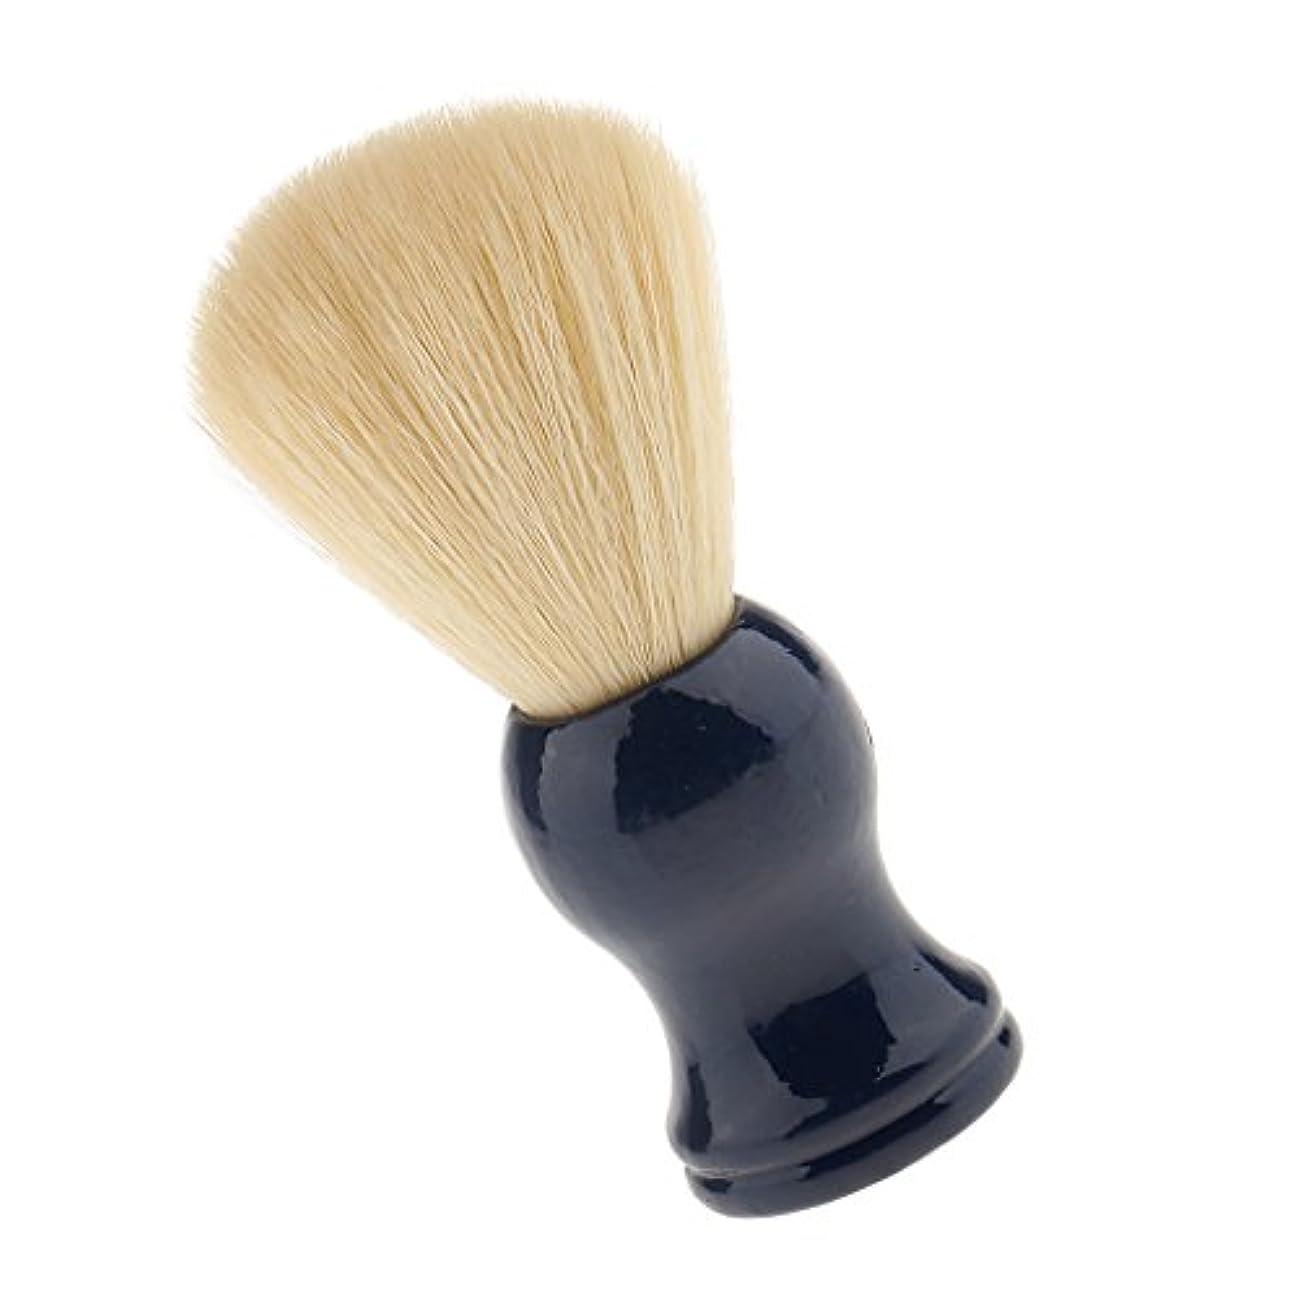 Kesoto シェービングブラシ 美容院用工具 理髪用 スキンケア サロン 便利グッズ ひげブラシ 首/顔 散髪整理  1点